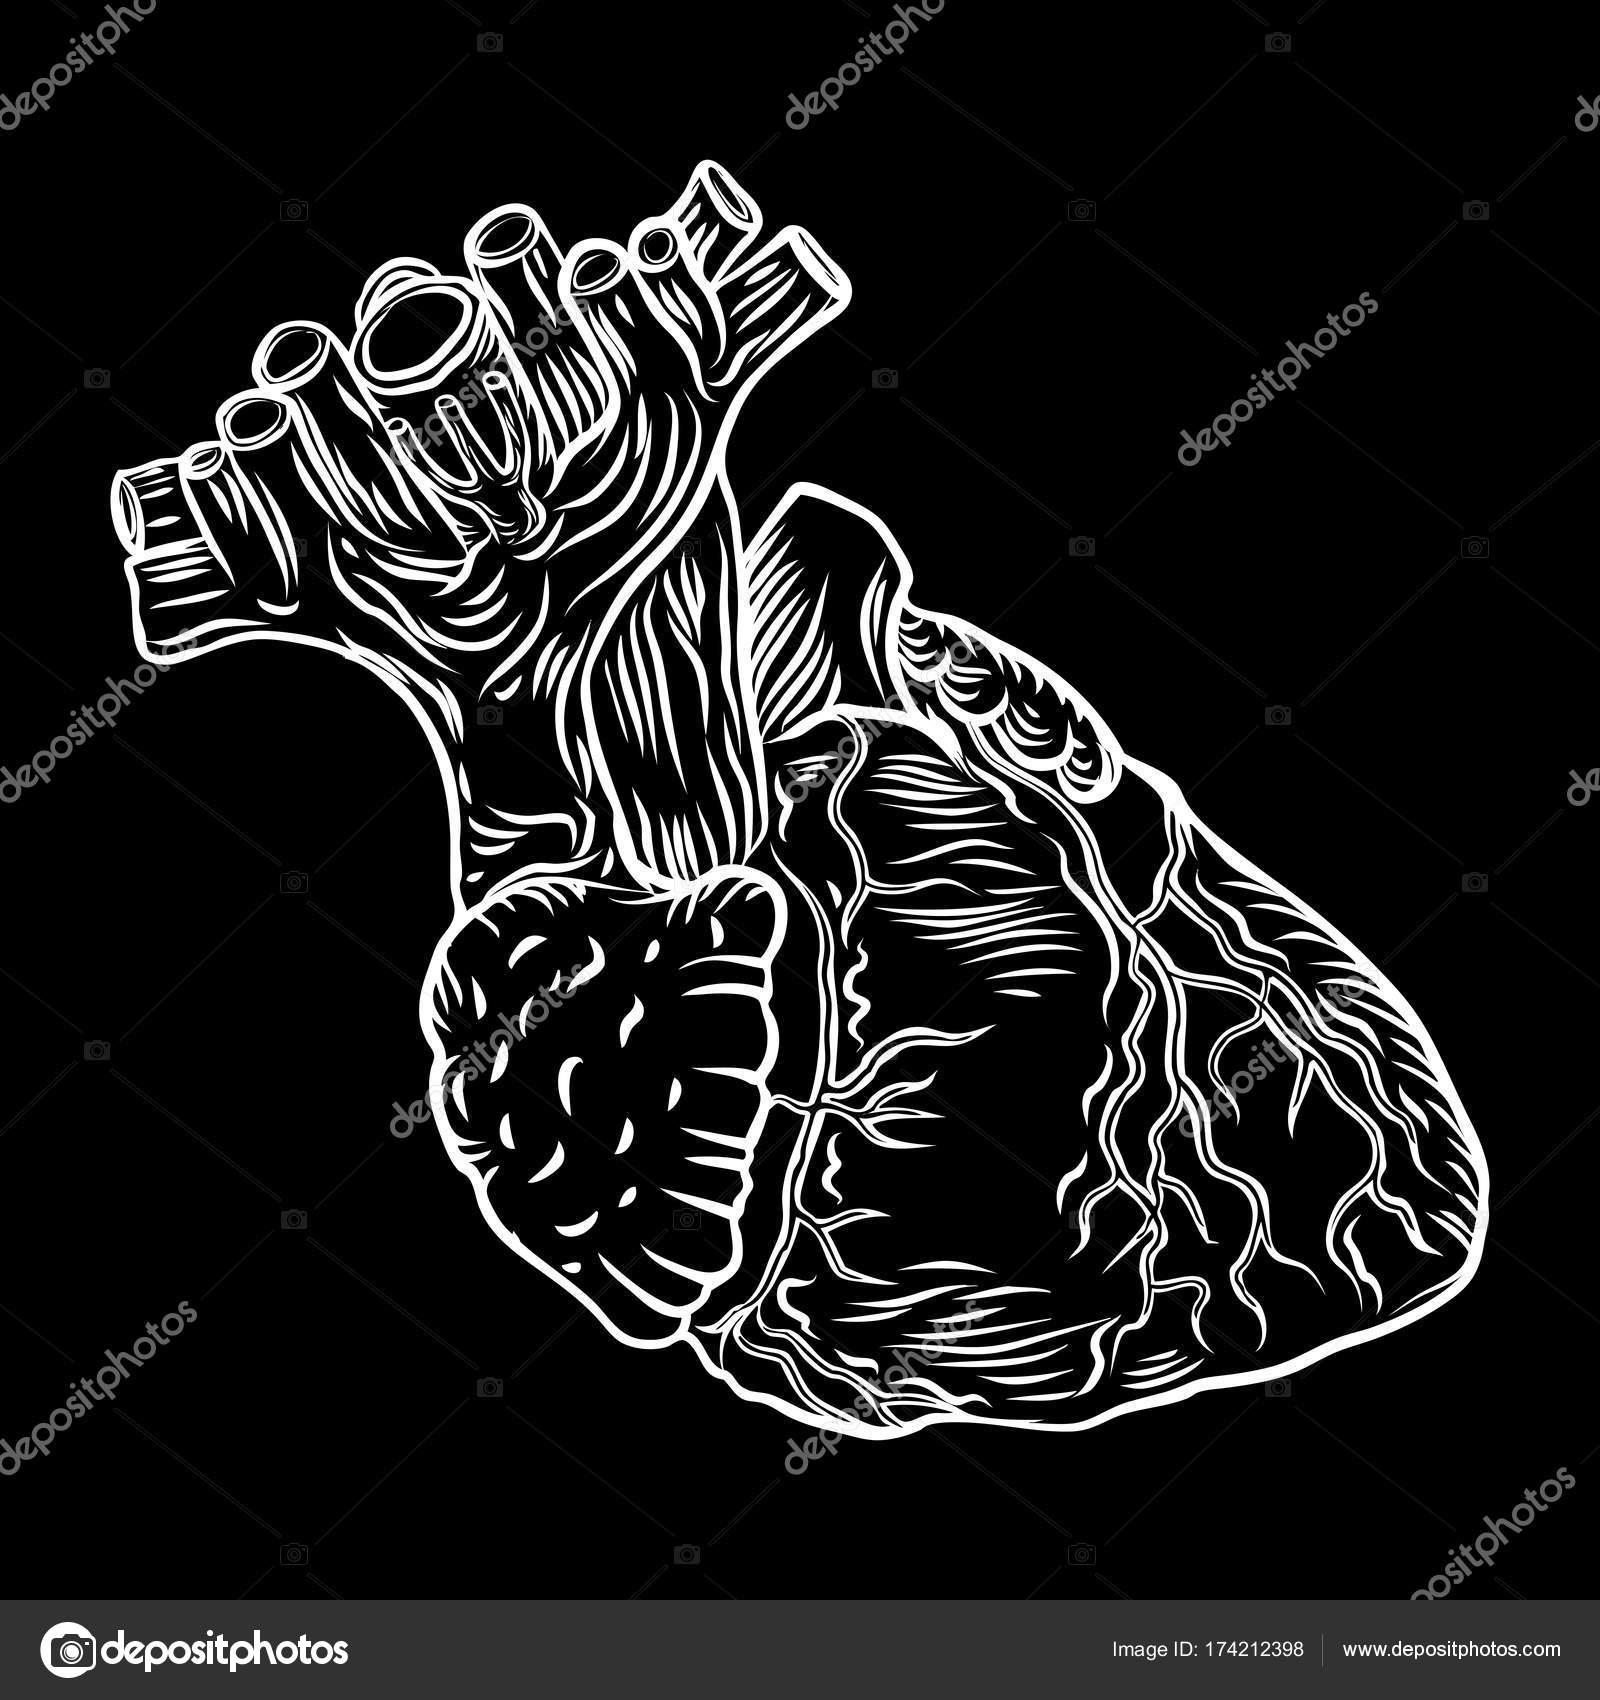 Heart Boho Black Work Dot Work Flesh Tattoo Concept Stock Vector C Goldenshrimp 174212398